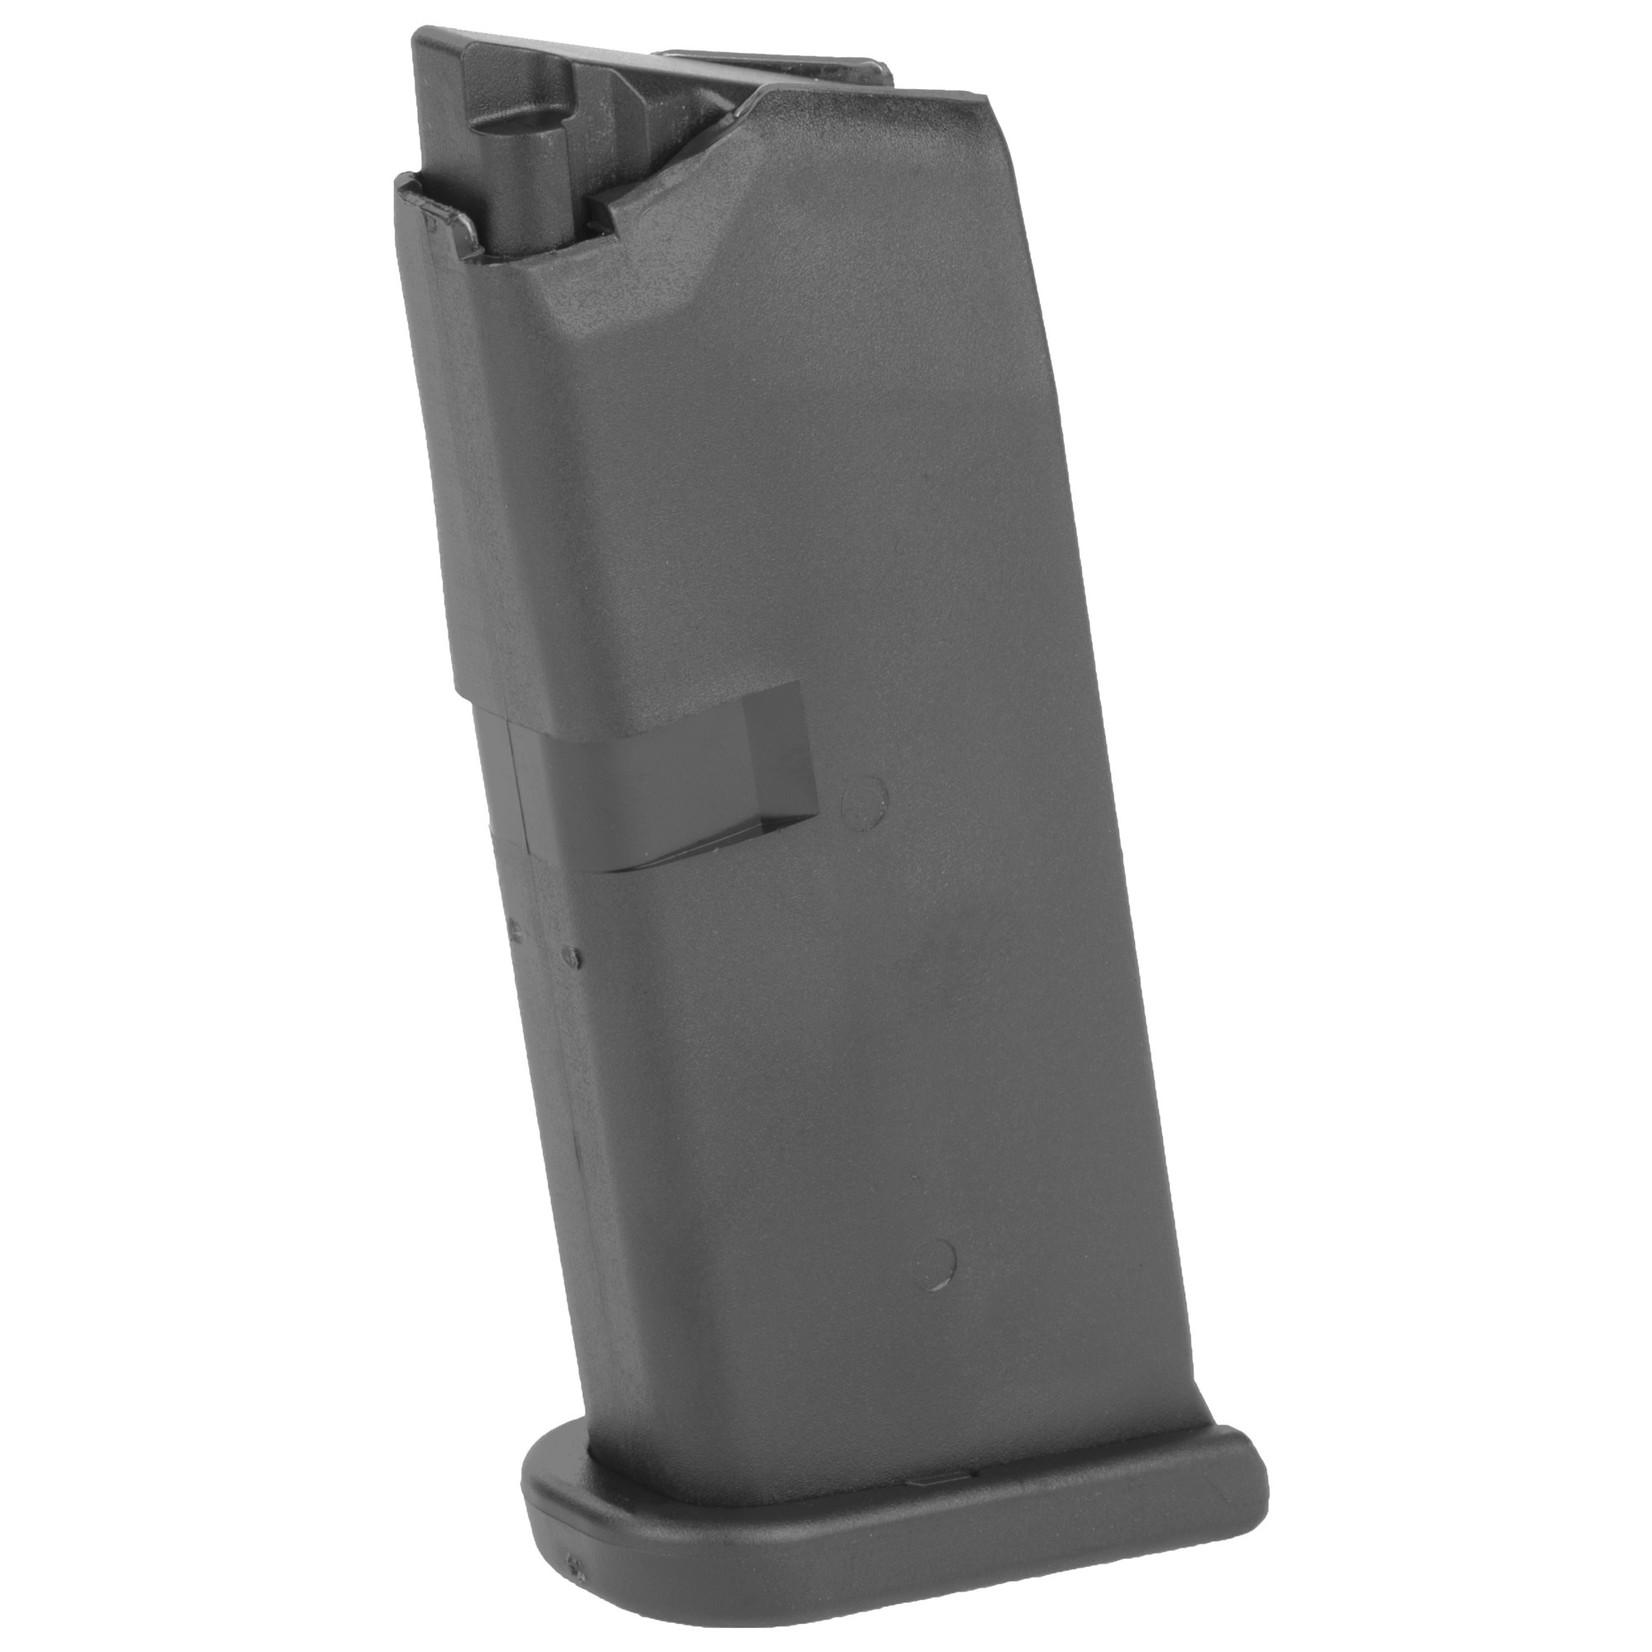 GLOCK Glock 43 9mm 6rd Mag